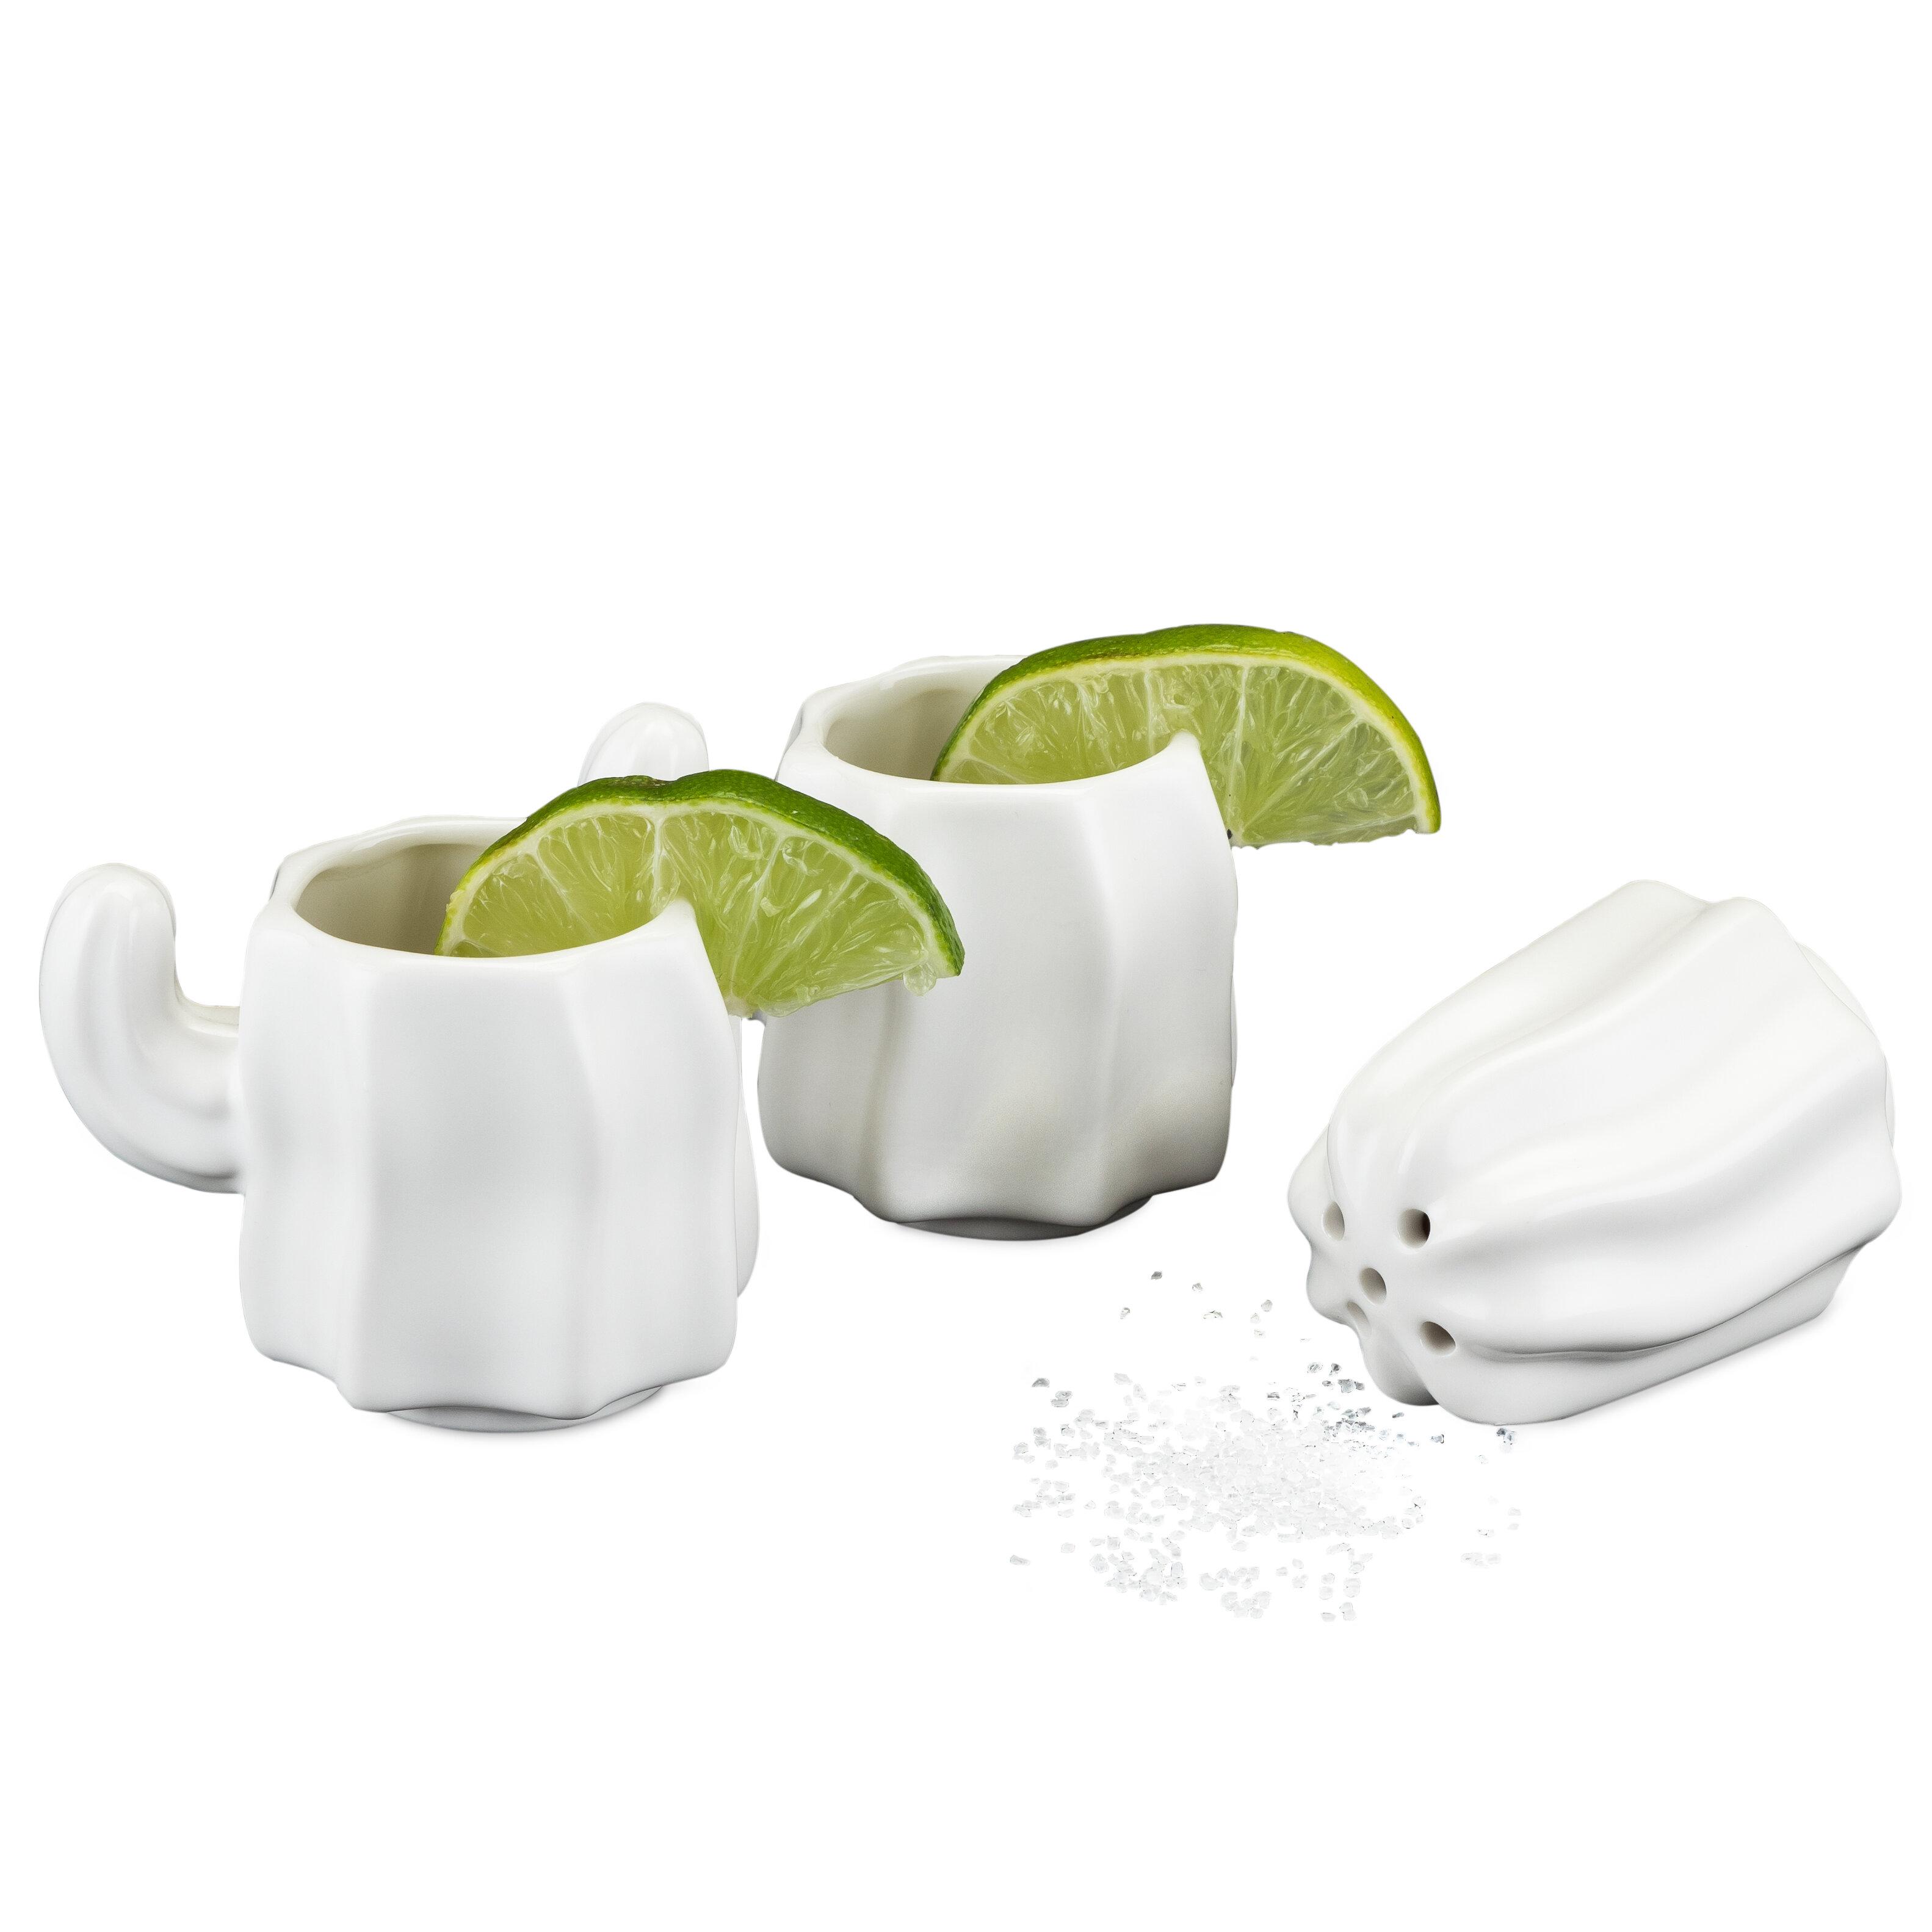 Foster Rye 3 Piece Ceramic Stacking Cactus Salt Shaker Set Wayfair